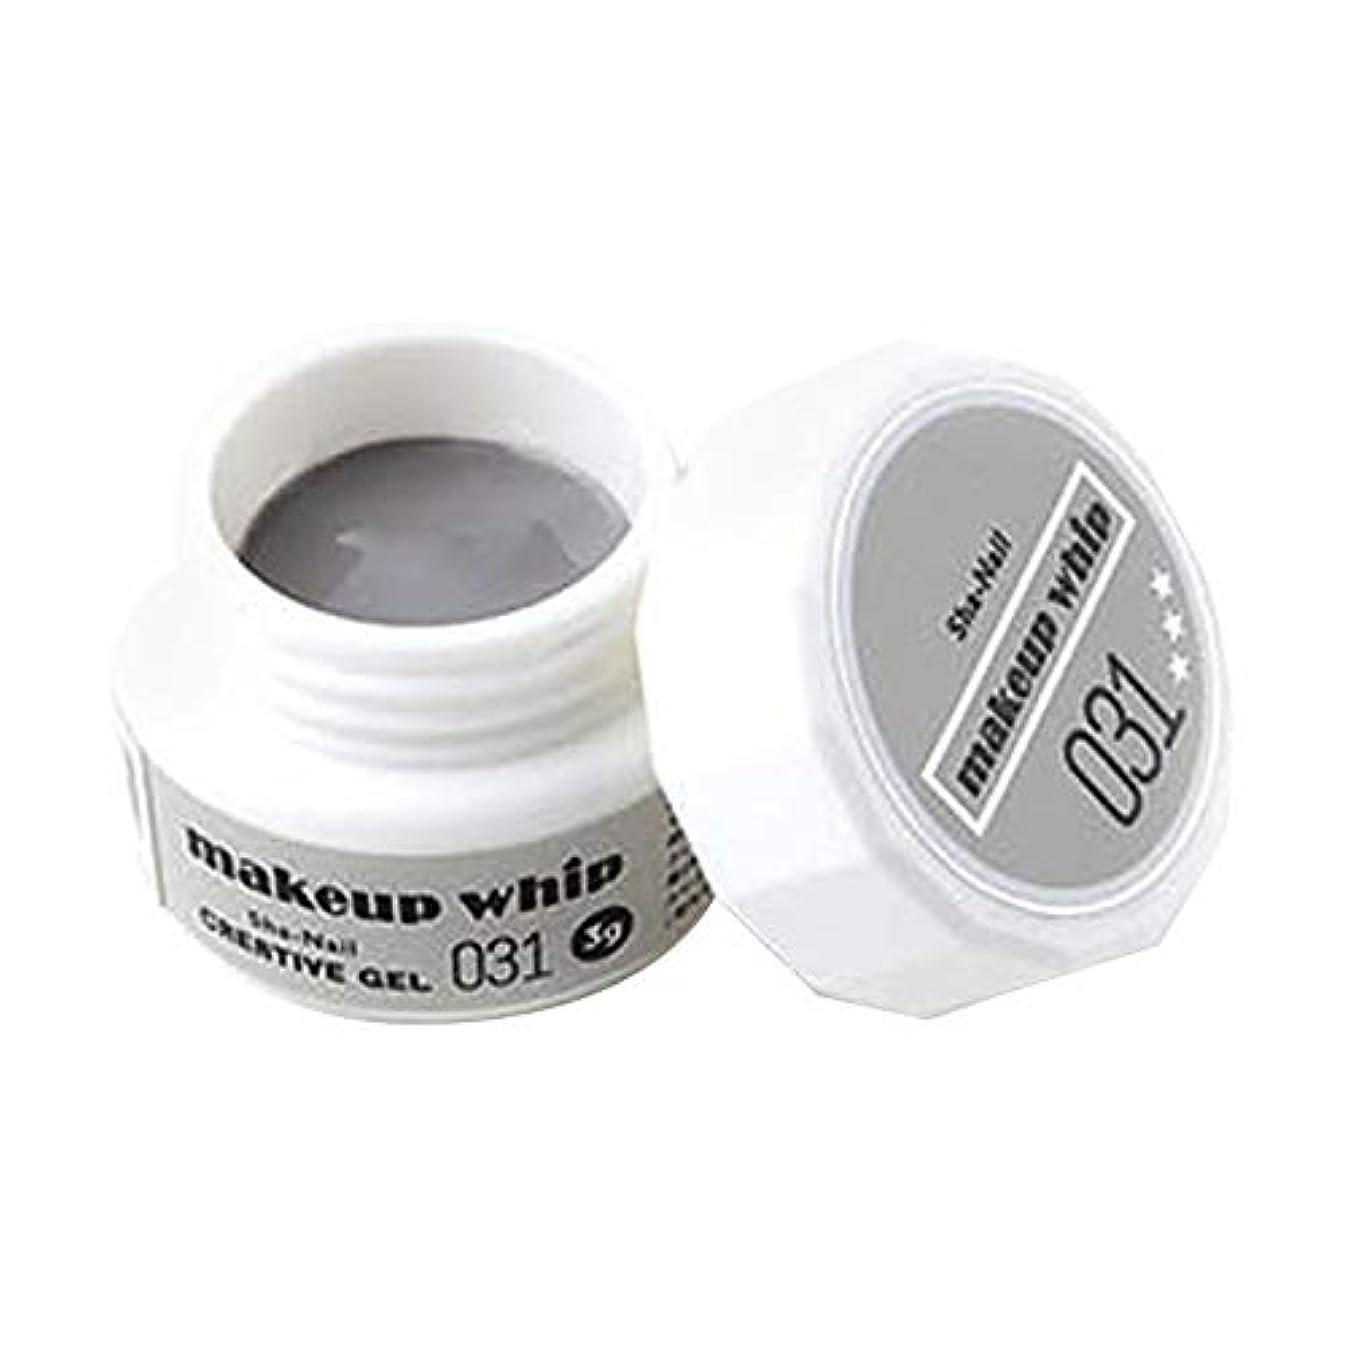 破裂不適当減衰Sha-Nail Creative Gel メイクアップホイップカラー 031 マット 3g UV/LED対応